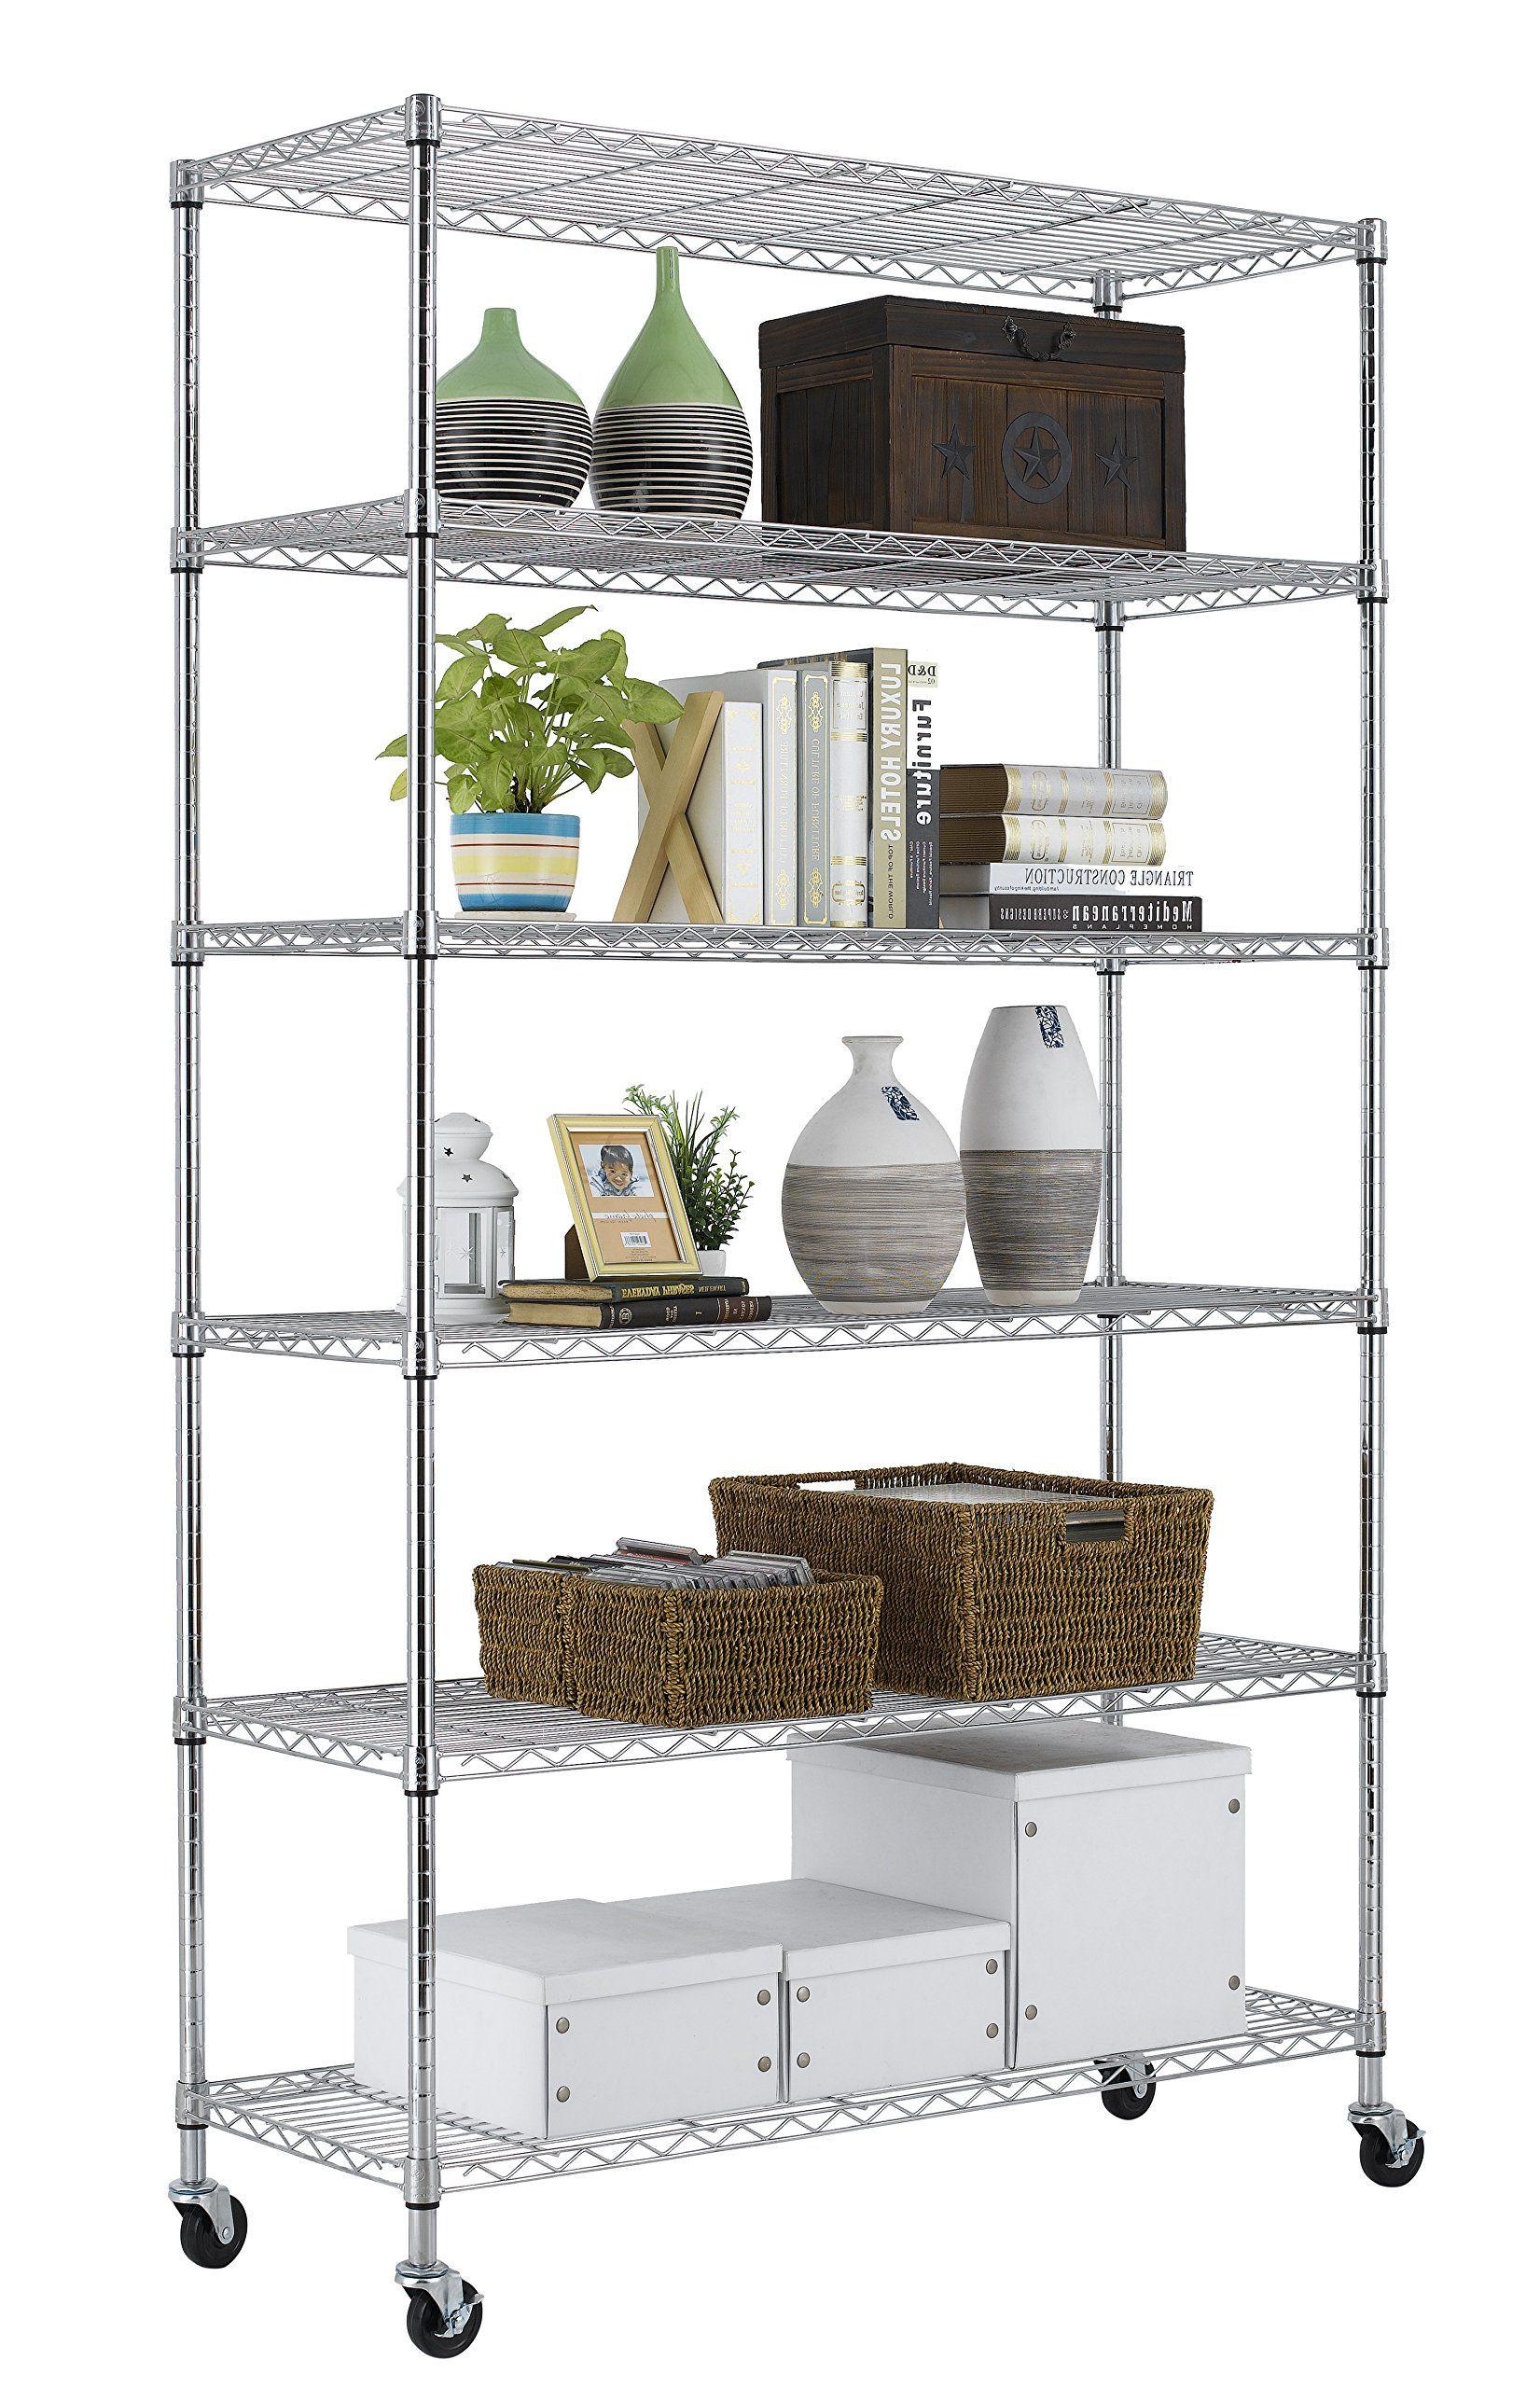 PayLessHere Chrome 6 Shelf Commercial Adjustable Steel shelving ...